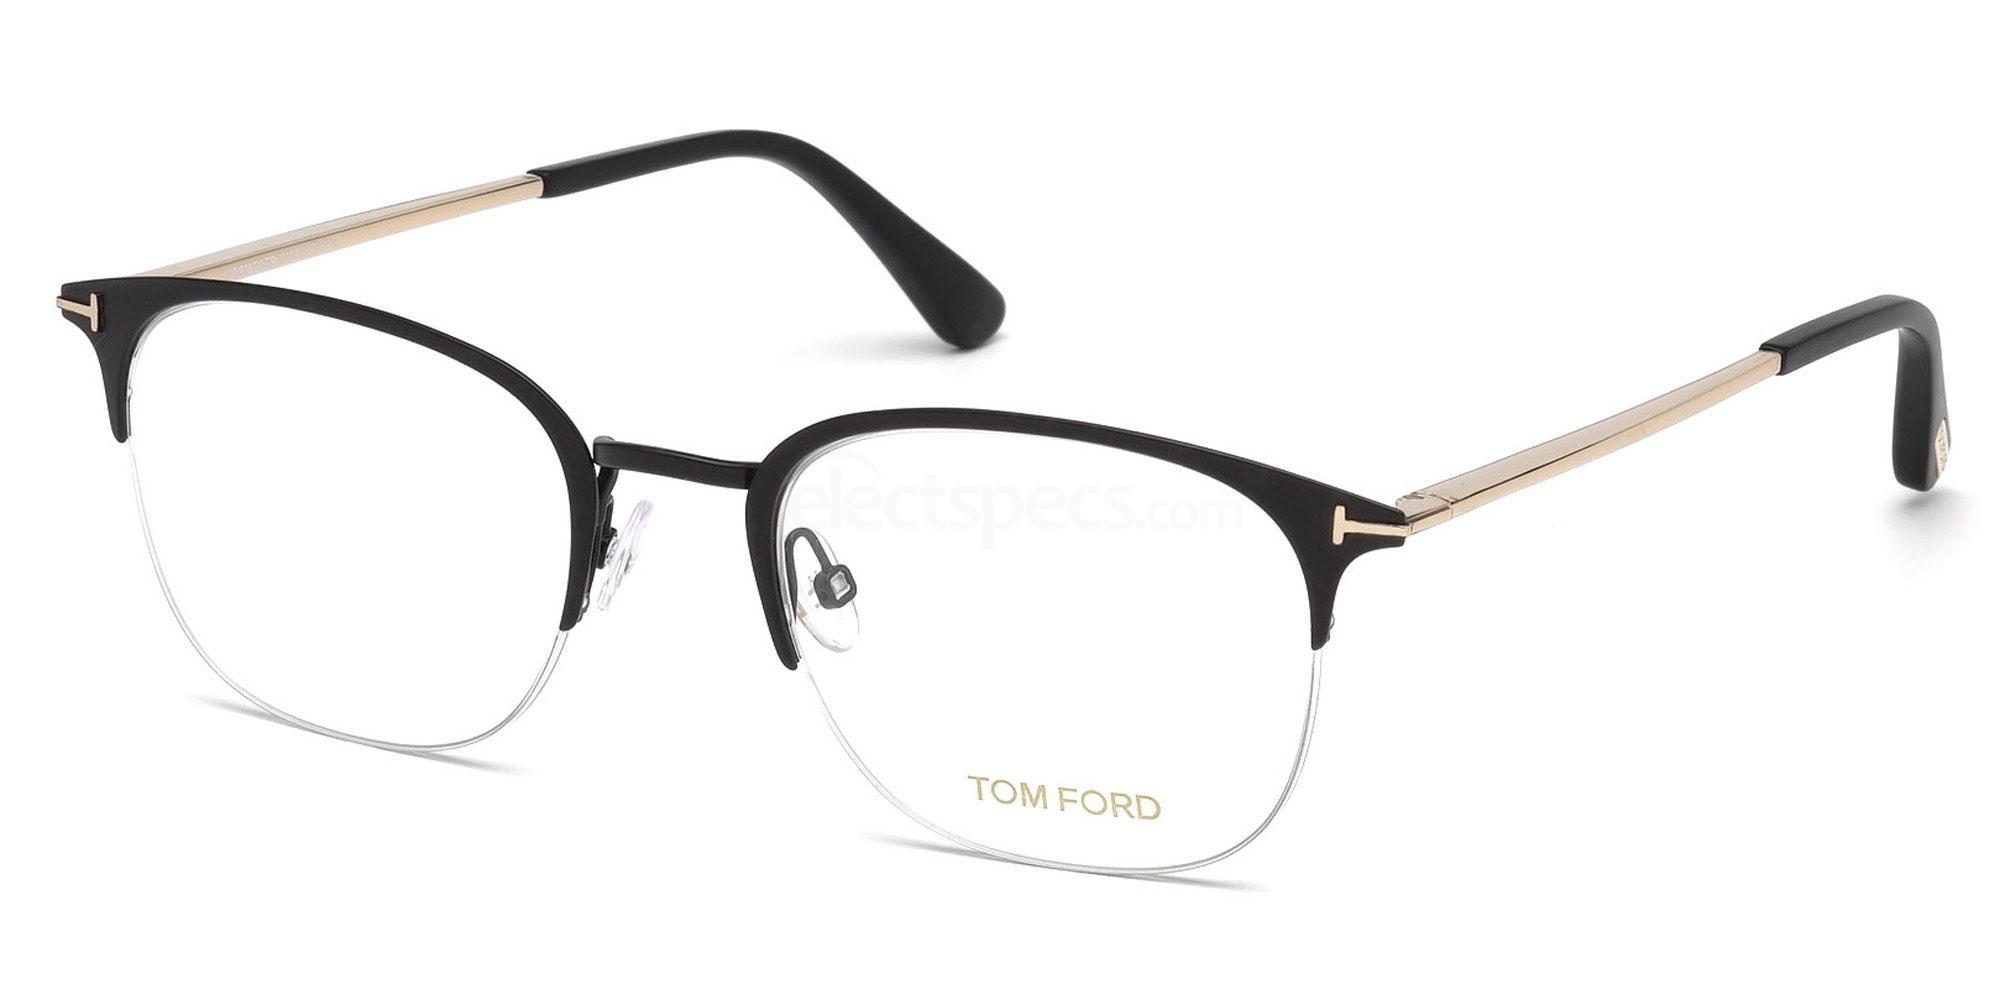 002 FT5452 Glasses, Tom Ford